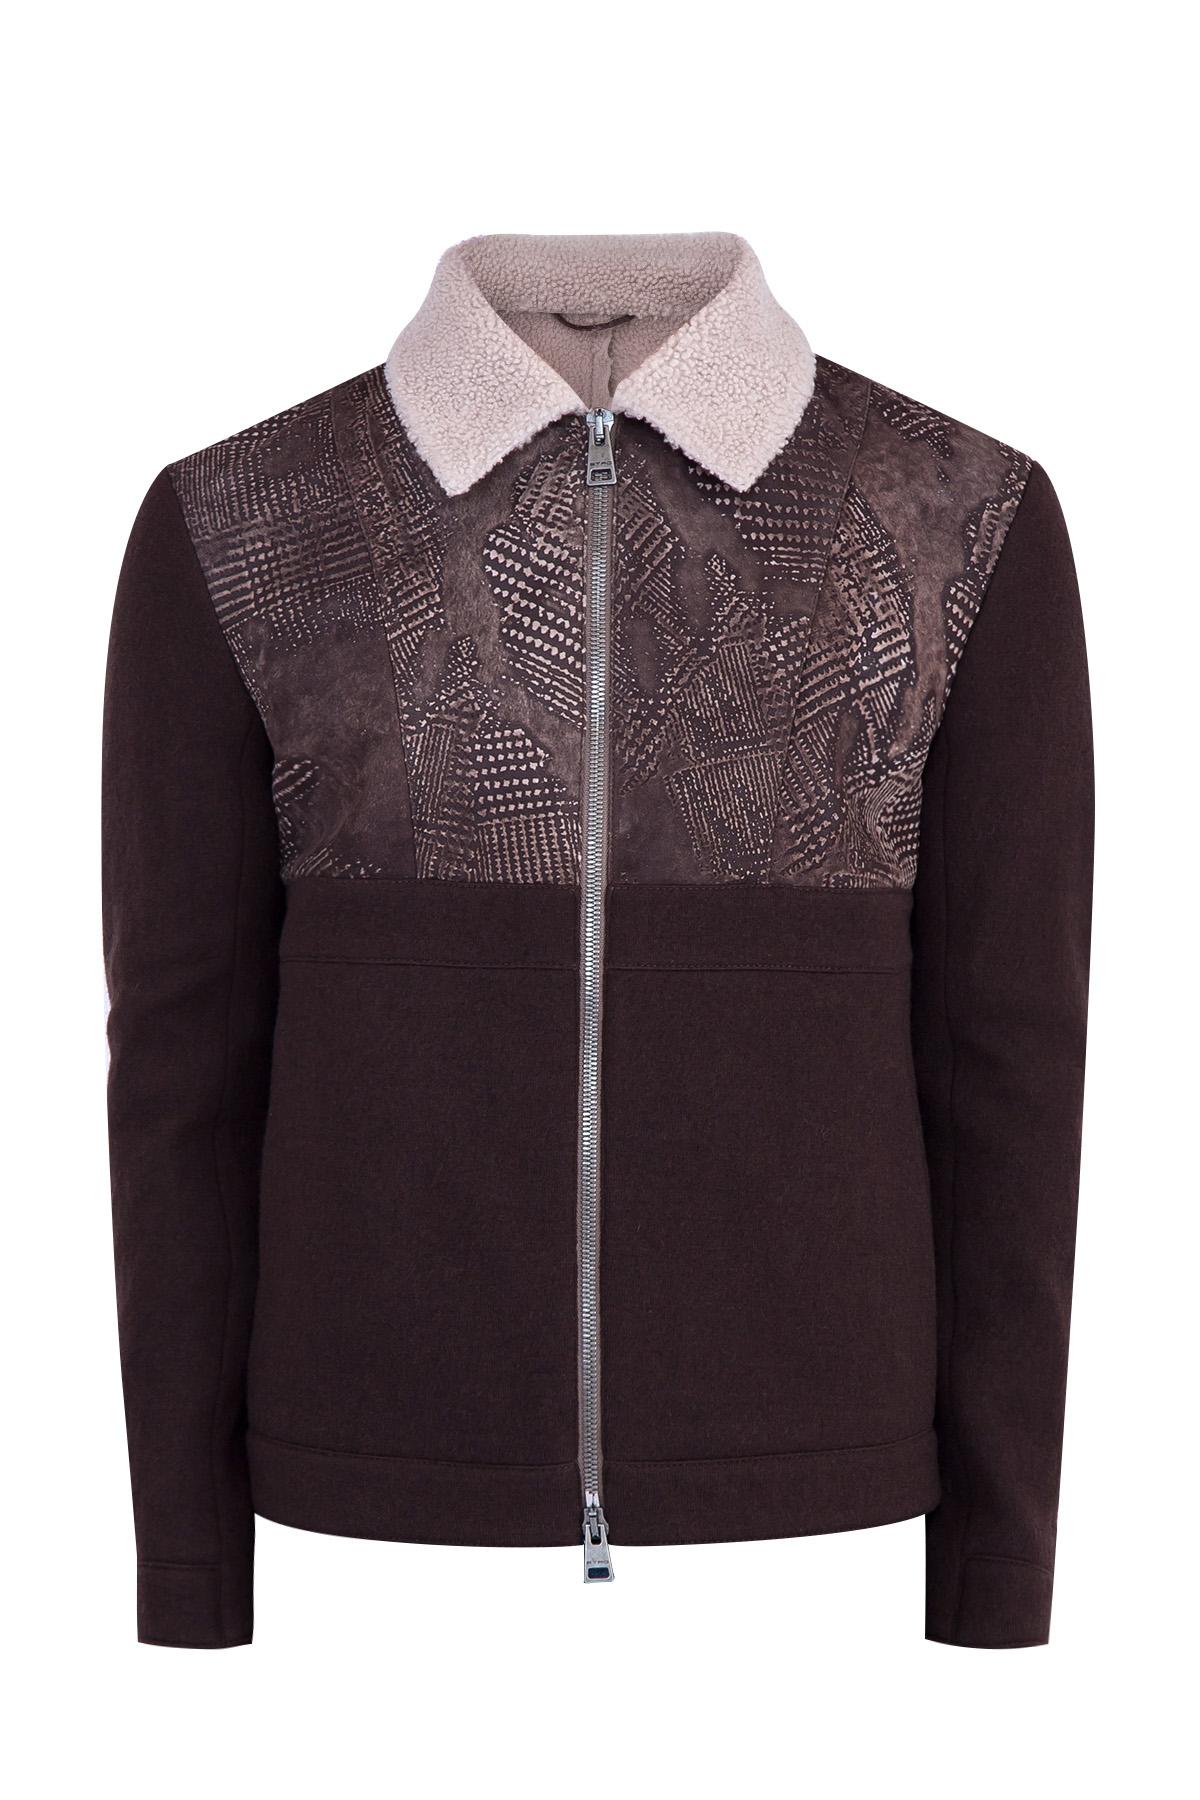 Купить Куртка, ETRO, Италия, шерсть 98%, нейлон 2%, замша 100%, овчина 100%